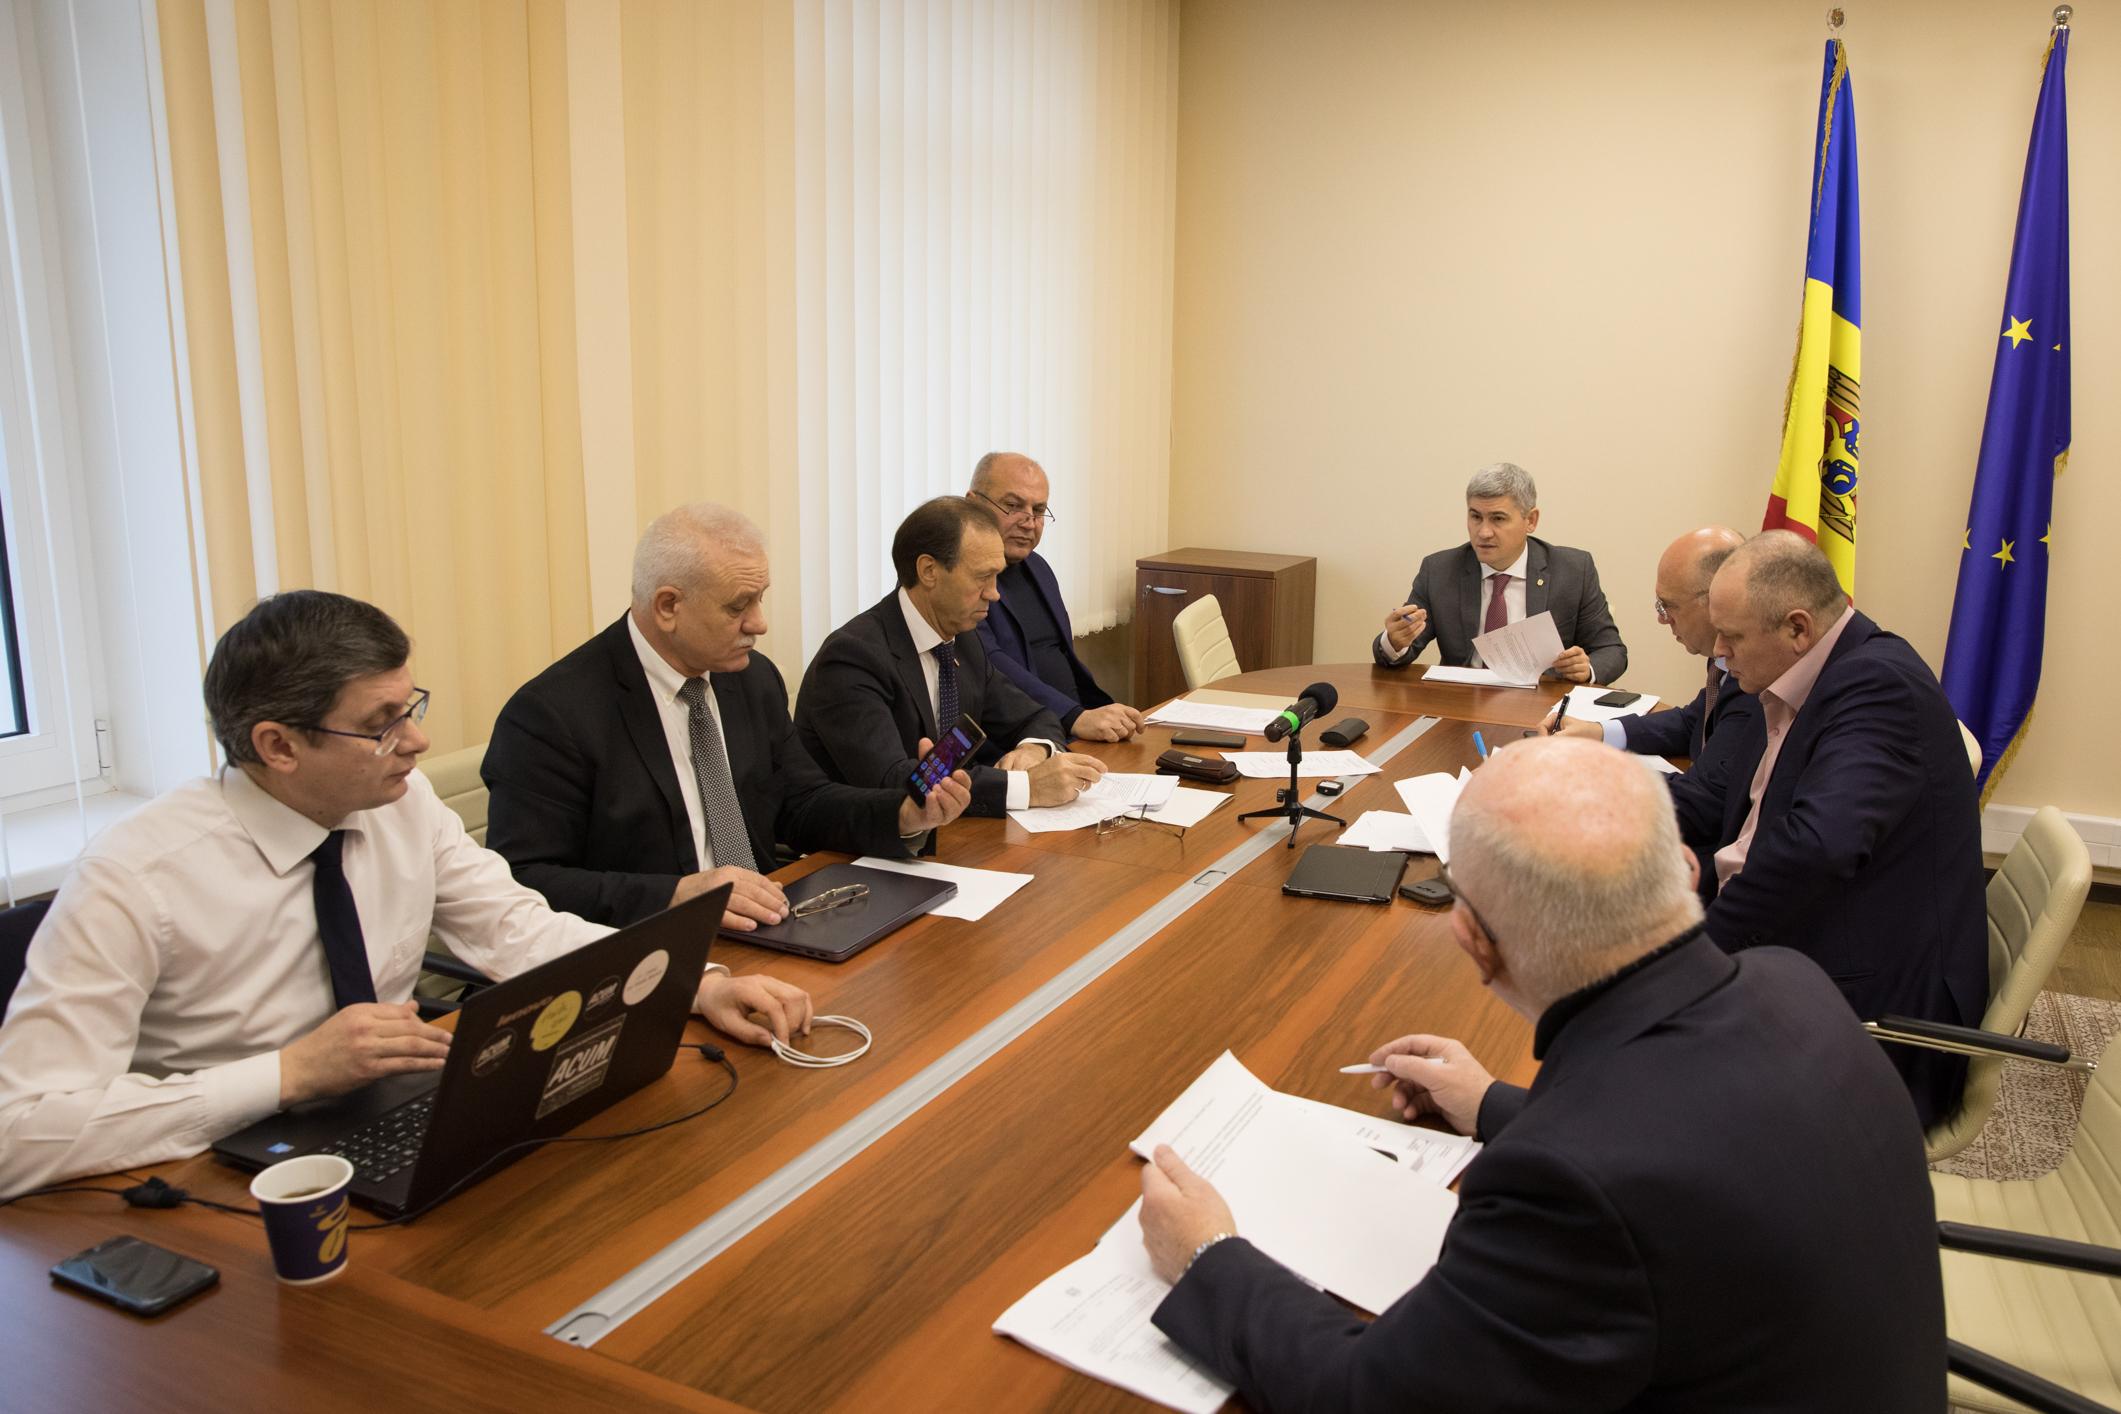 05.02.2020 Ședința Comisiei Securitate națională, apărare și ordine publică